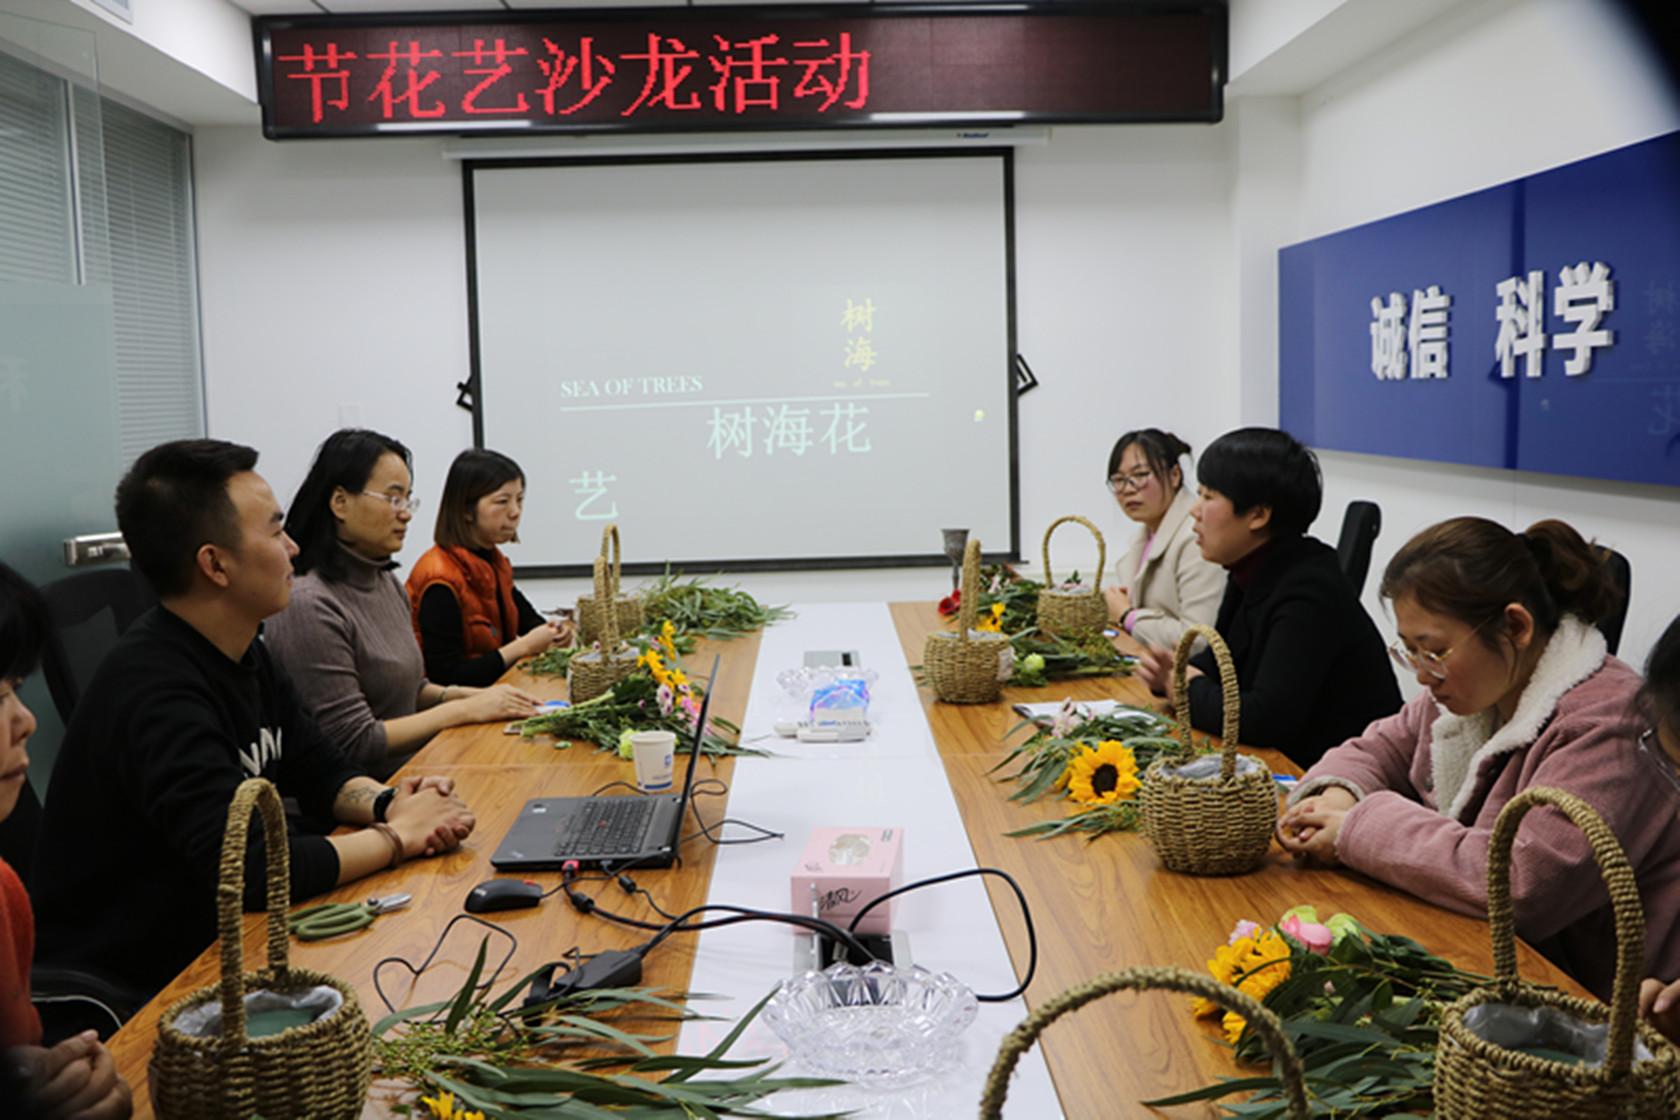 公司举办三八妇女节花艺沙龙活动